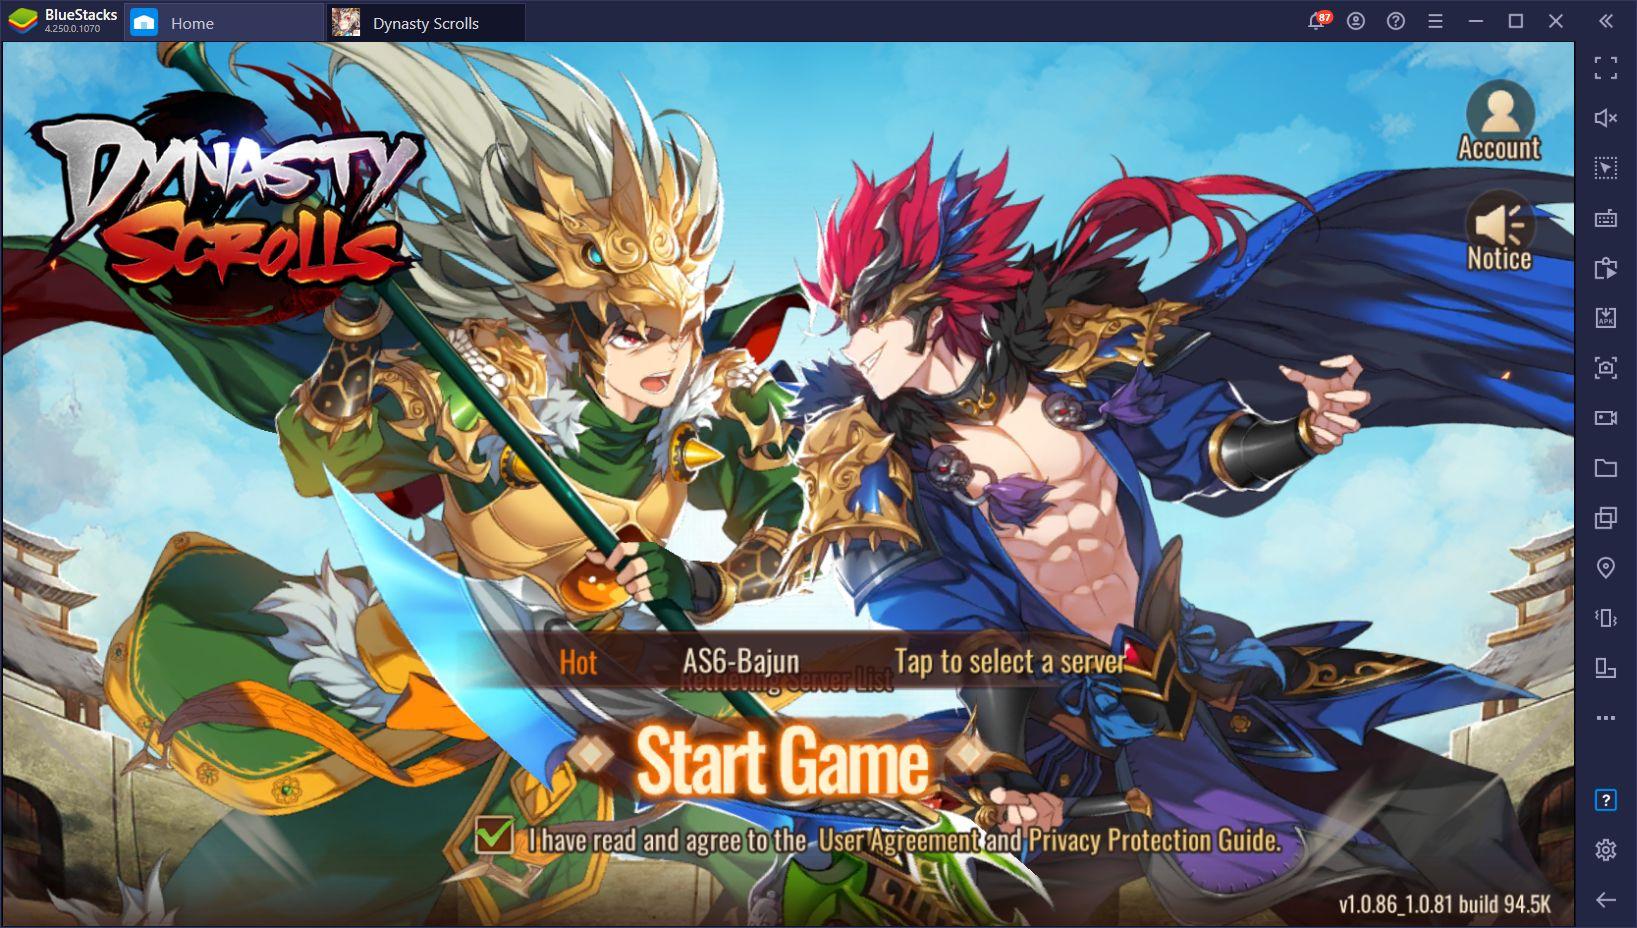 Dynasty Scrolls no PC – Instale e jogue esse RPG Idle no seu computador com o BlueStacks